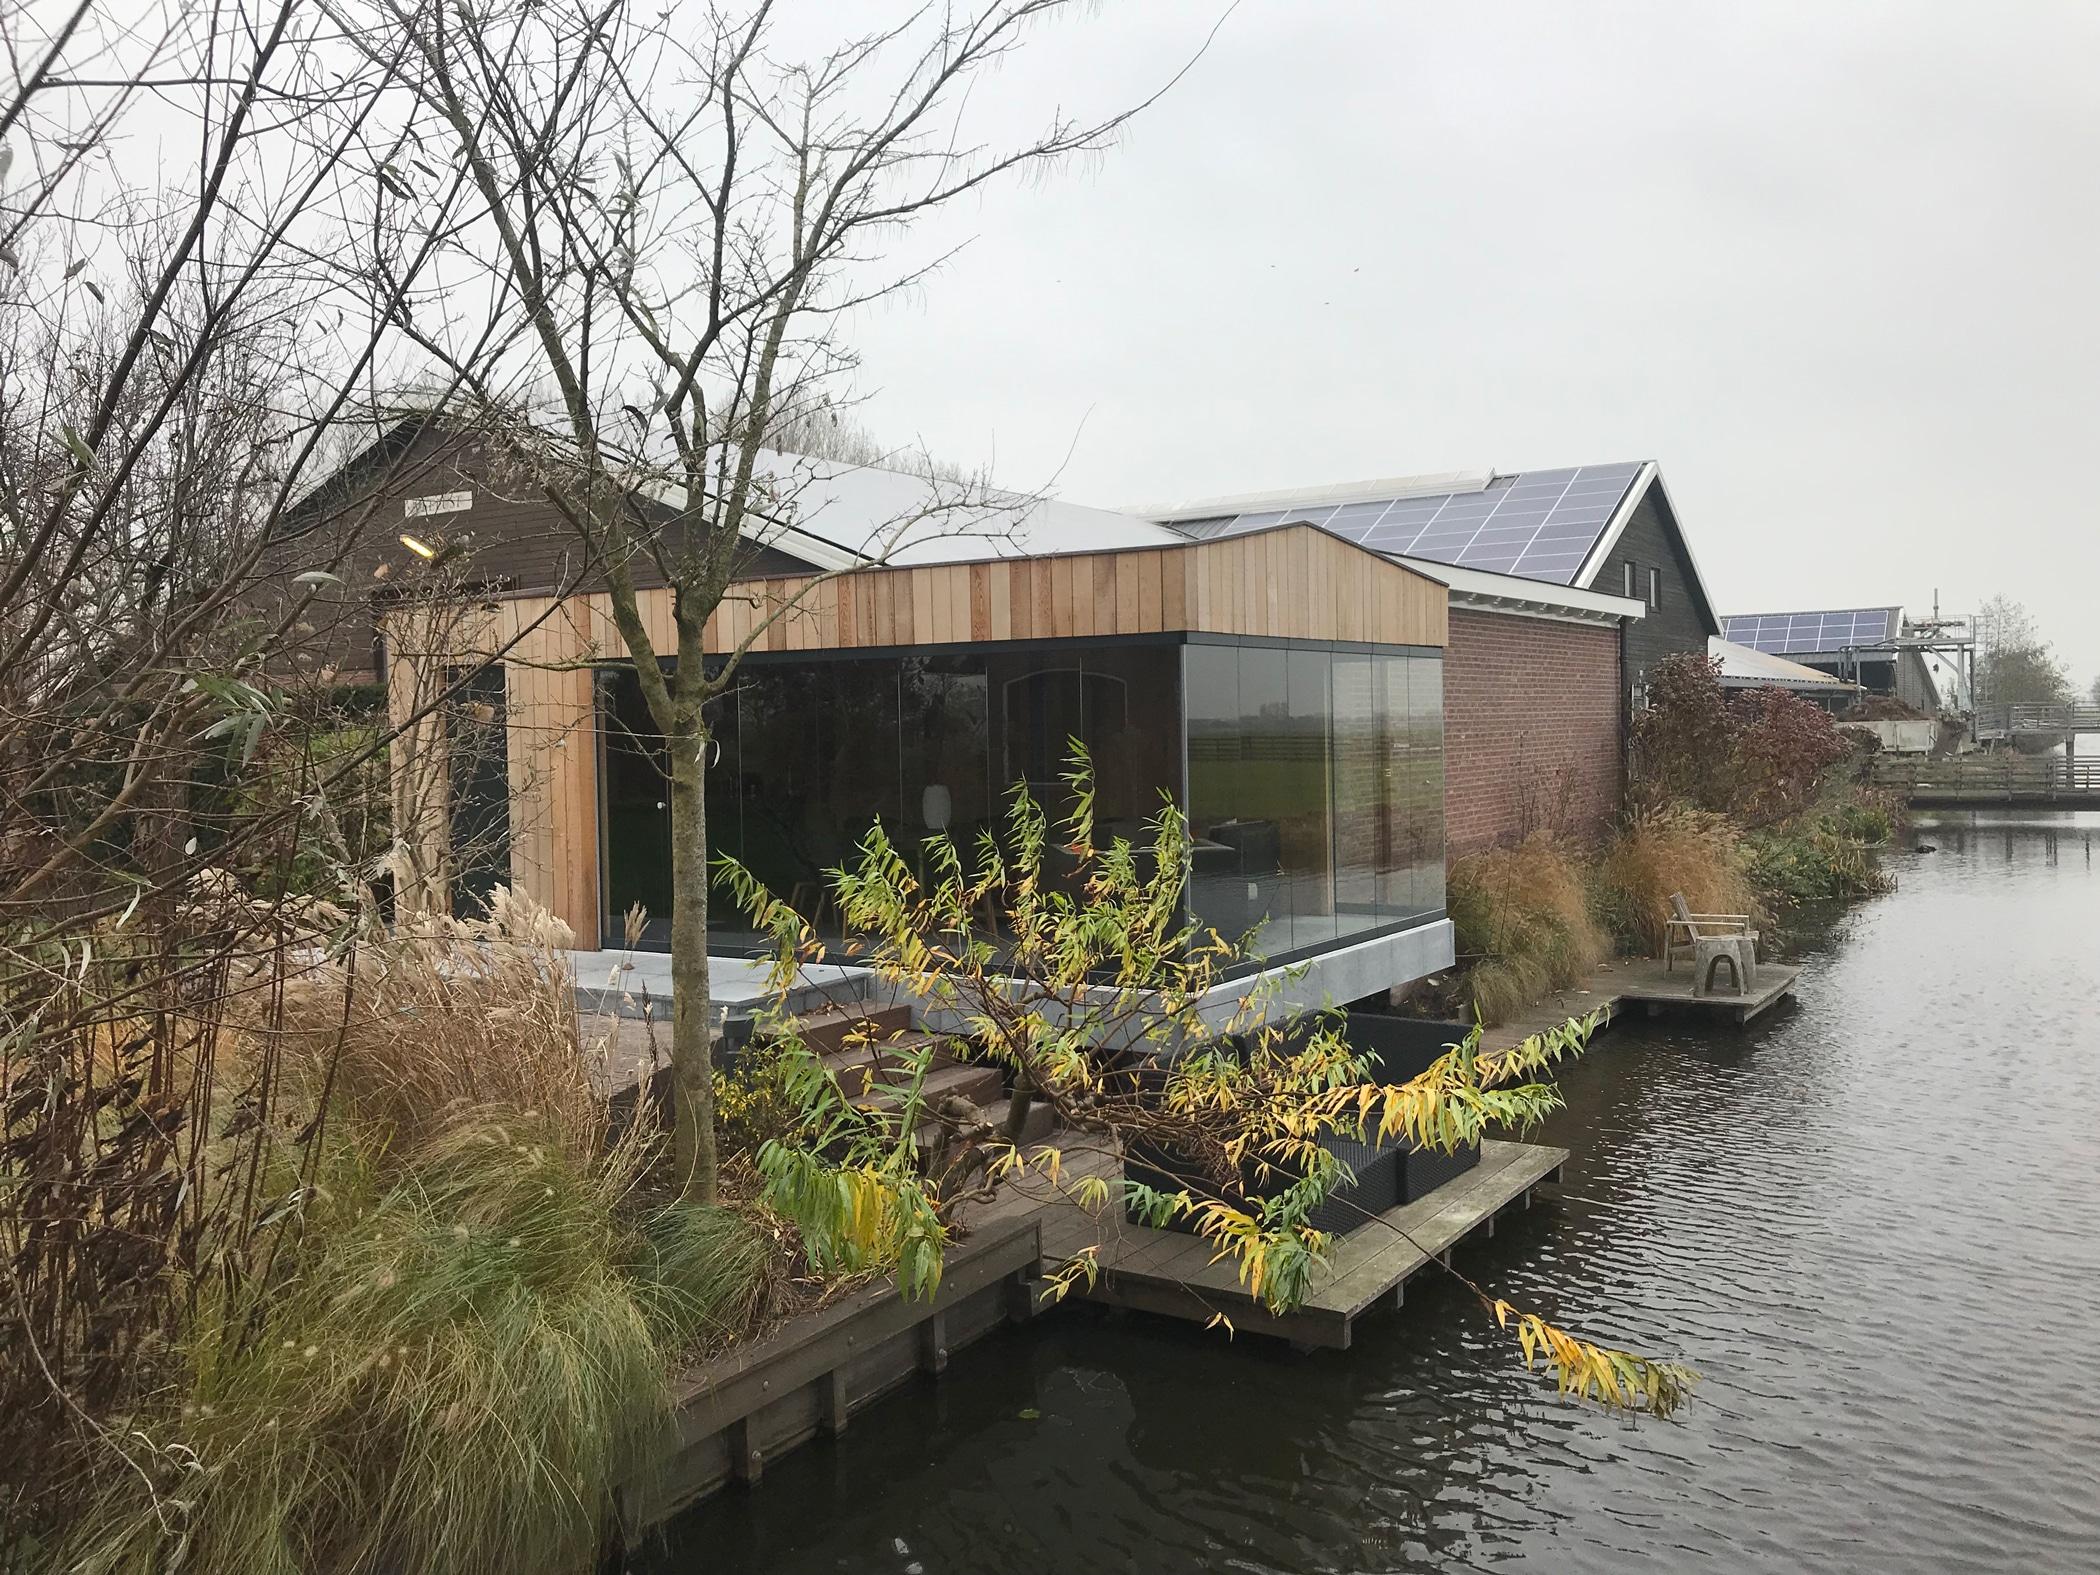 Ganzglas-Schiebewand für modernes Gartenhaus